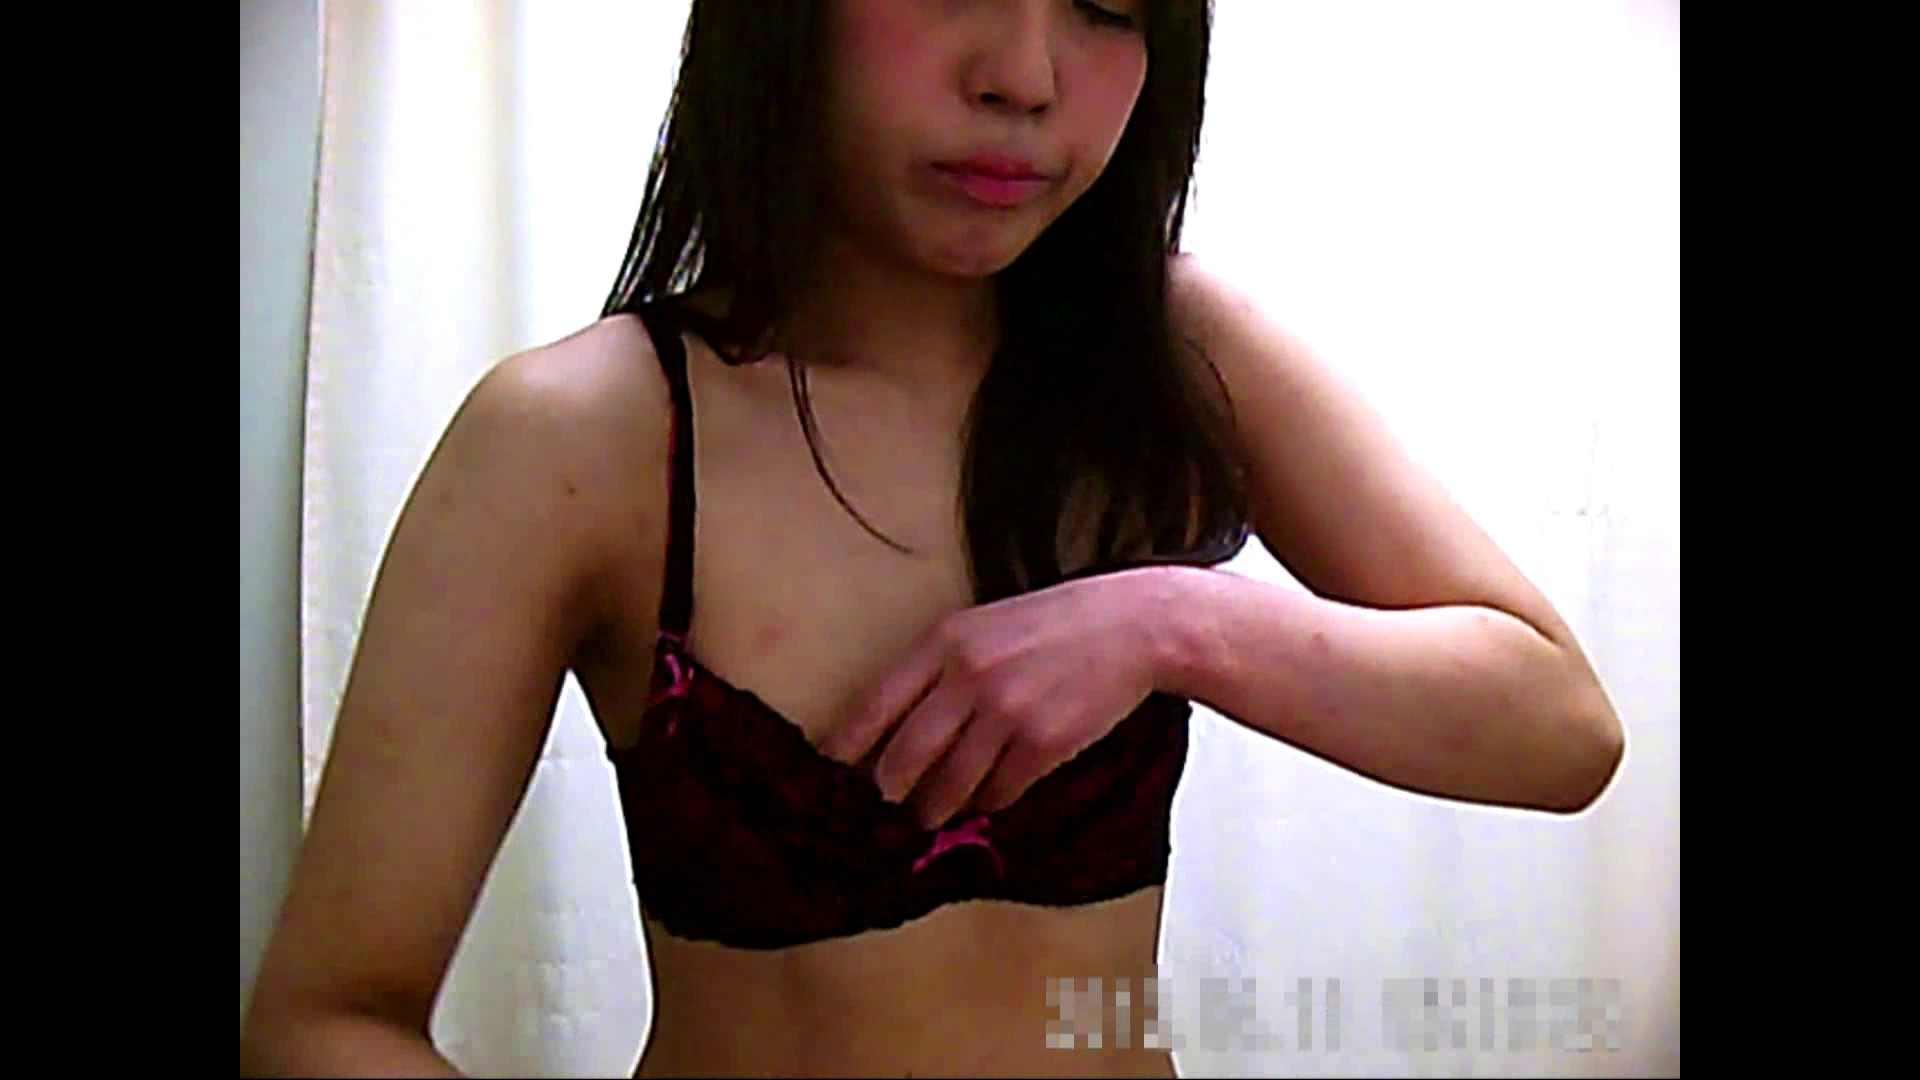 元医者による反抗 更衣室地獄絵巻 vol.019 お姉さん | ギャル  110画像 34